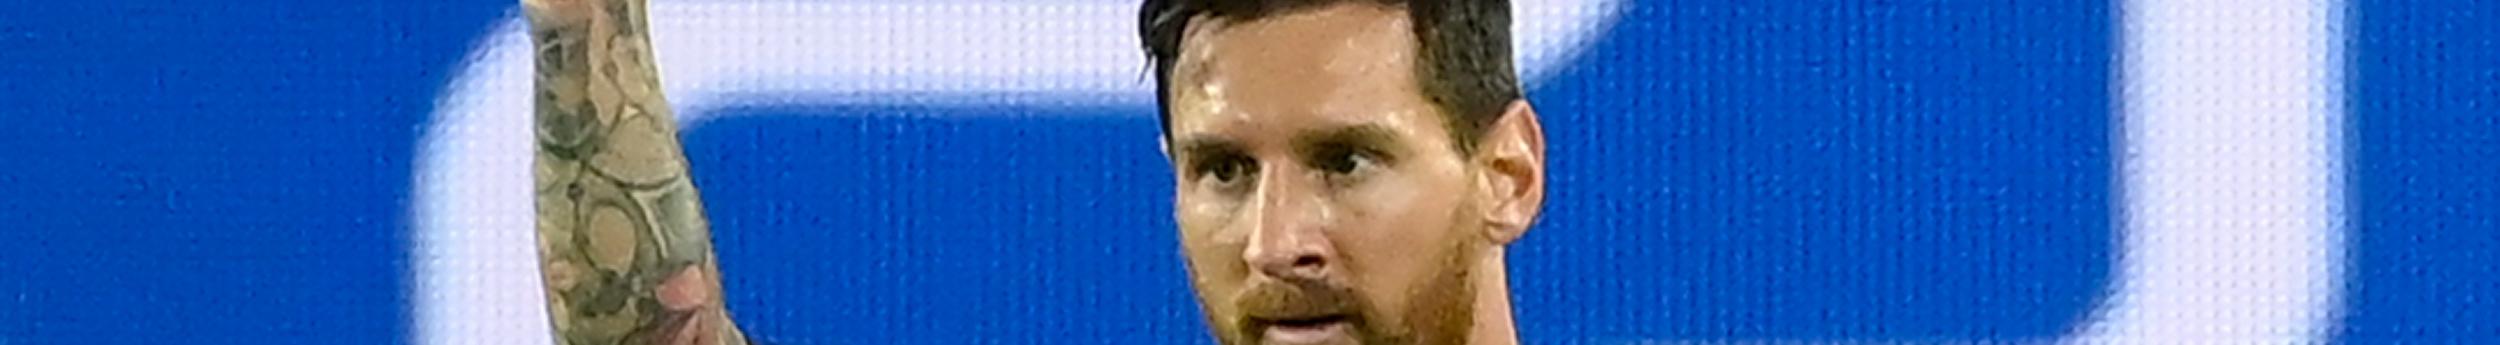 Barcellona-Bayern Monaco, il big match dei quarti è servito: Messi sfida Lewa